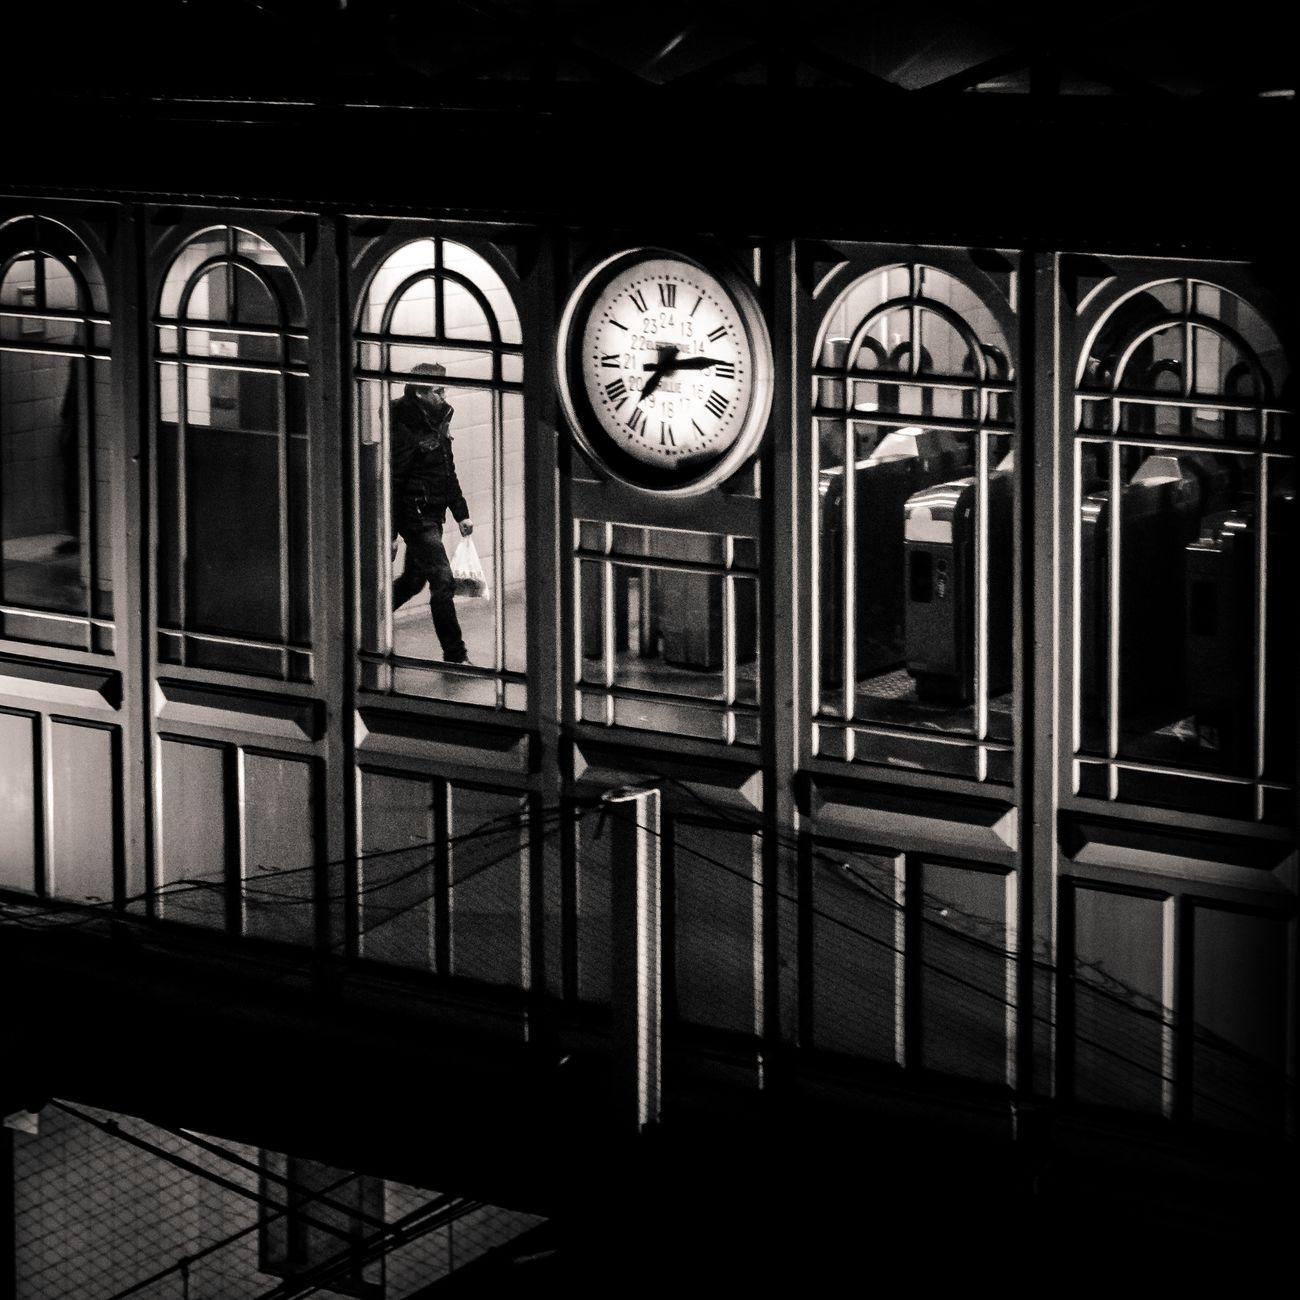 La Vie Chronometree Lokee Paris Clock Metro Streetphotography Night The Street Photographer - 2016 EyeEm Awards